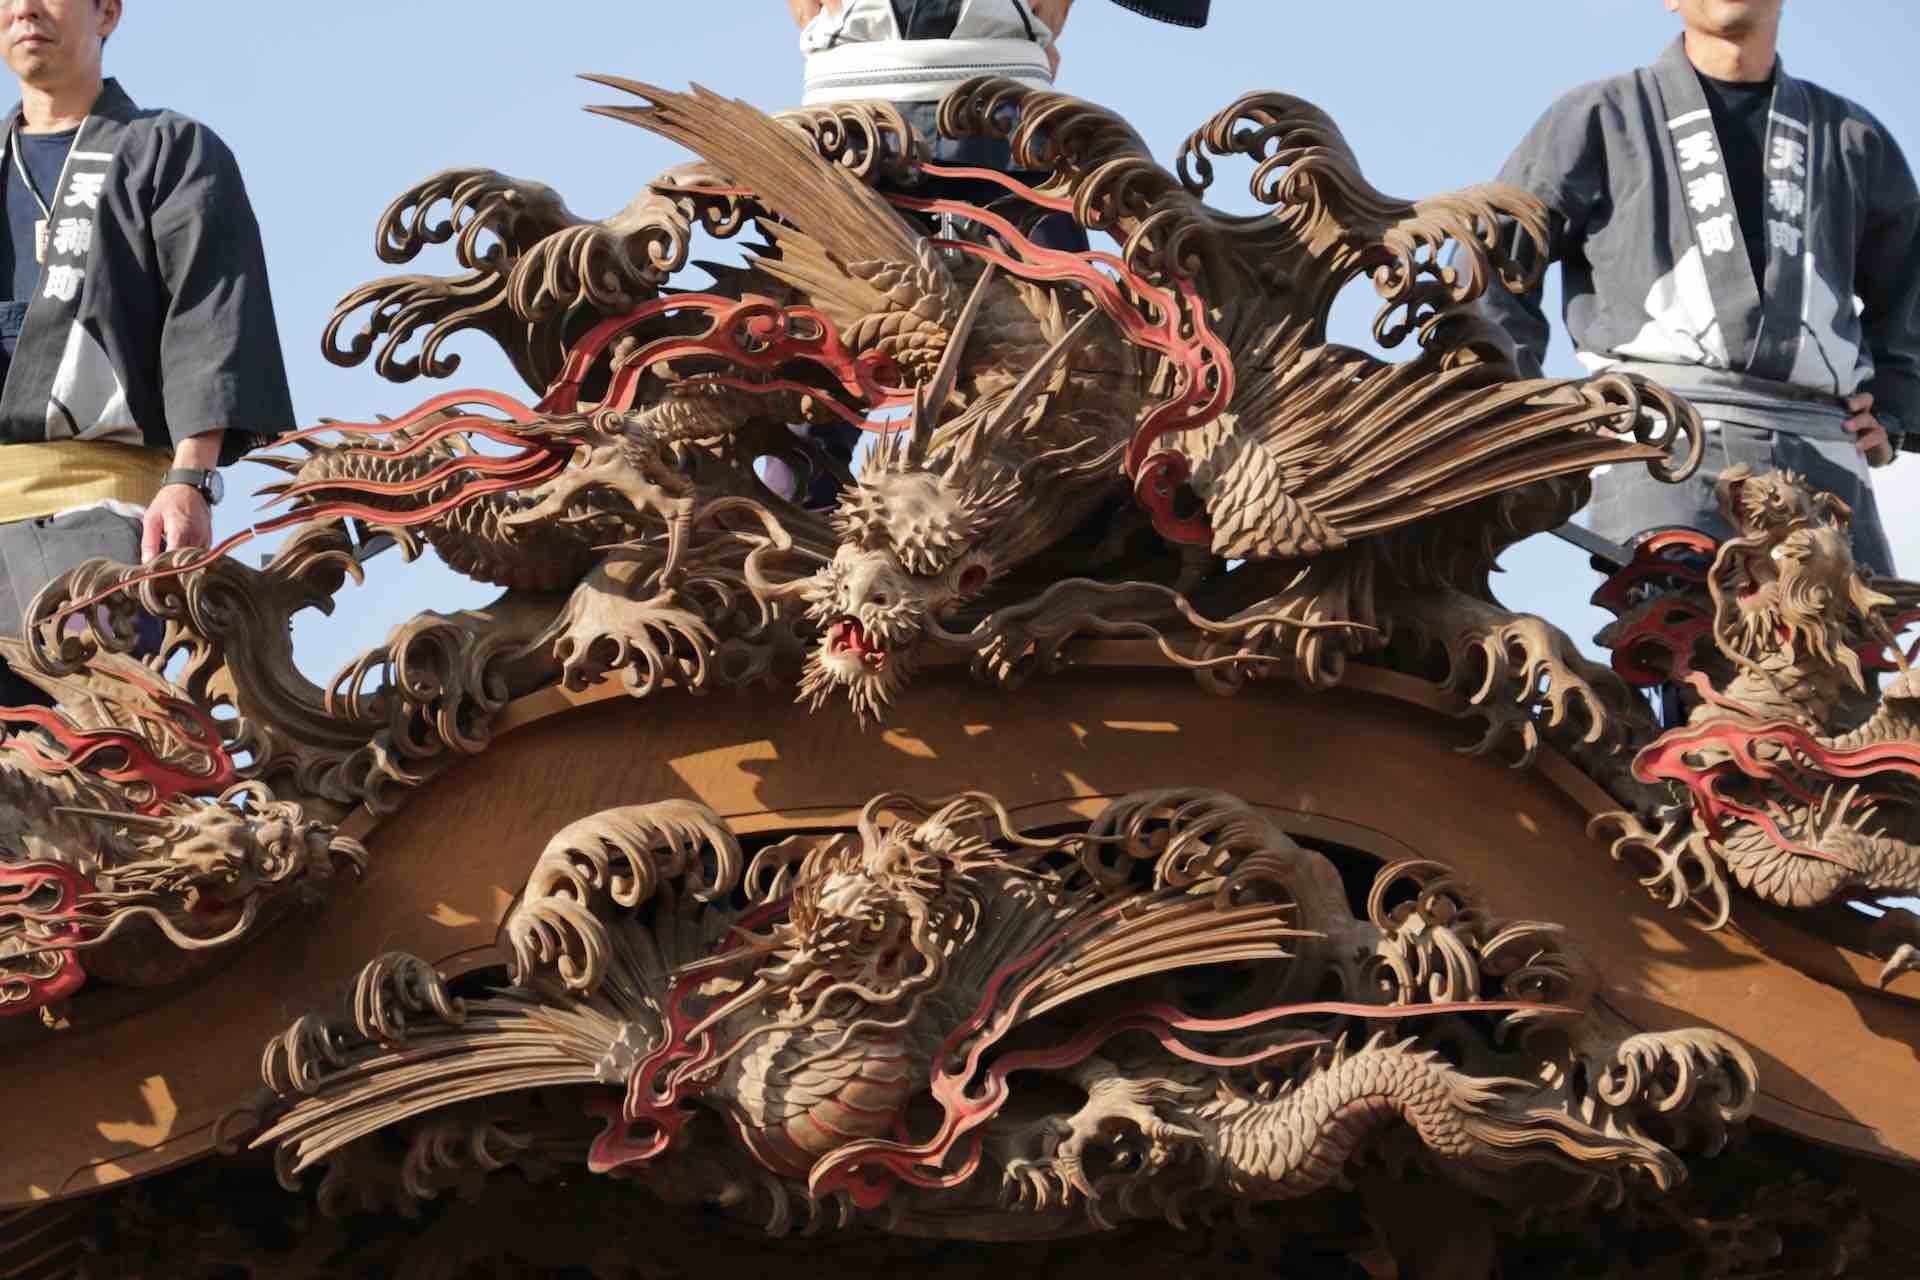 同じ龍でも構図や彫りのタッチで印象が変わります